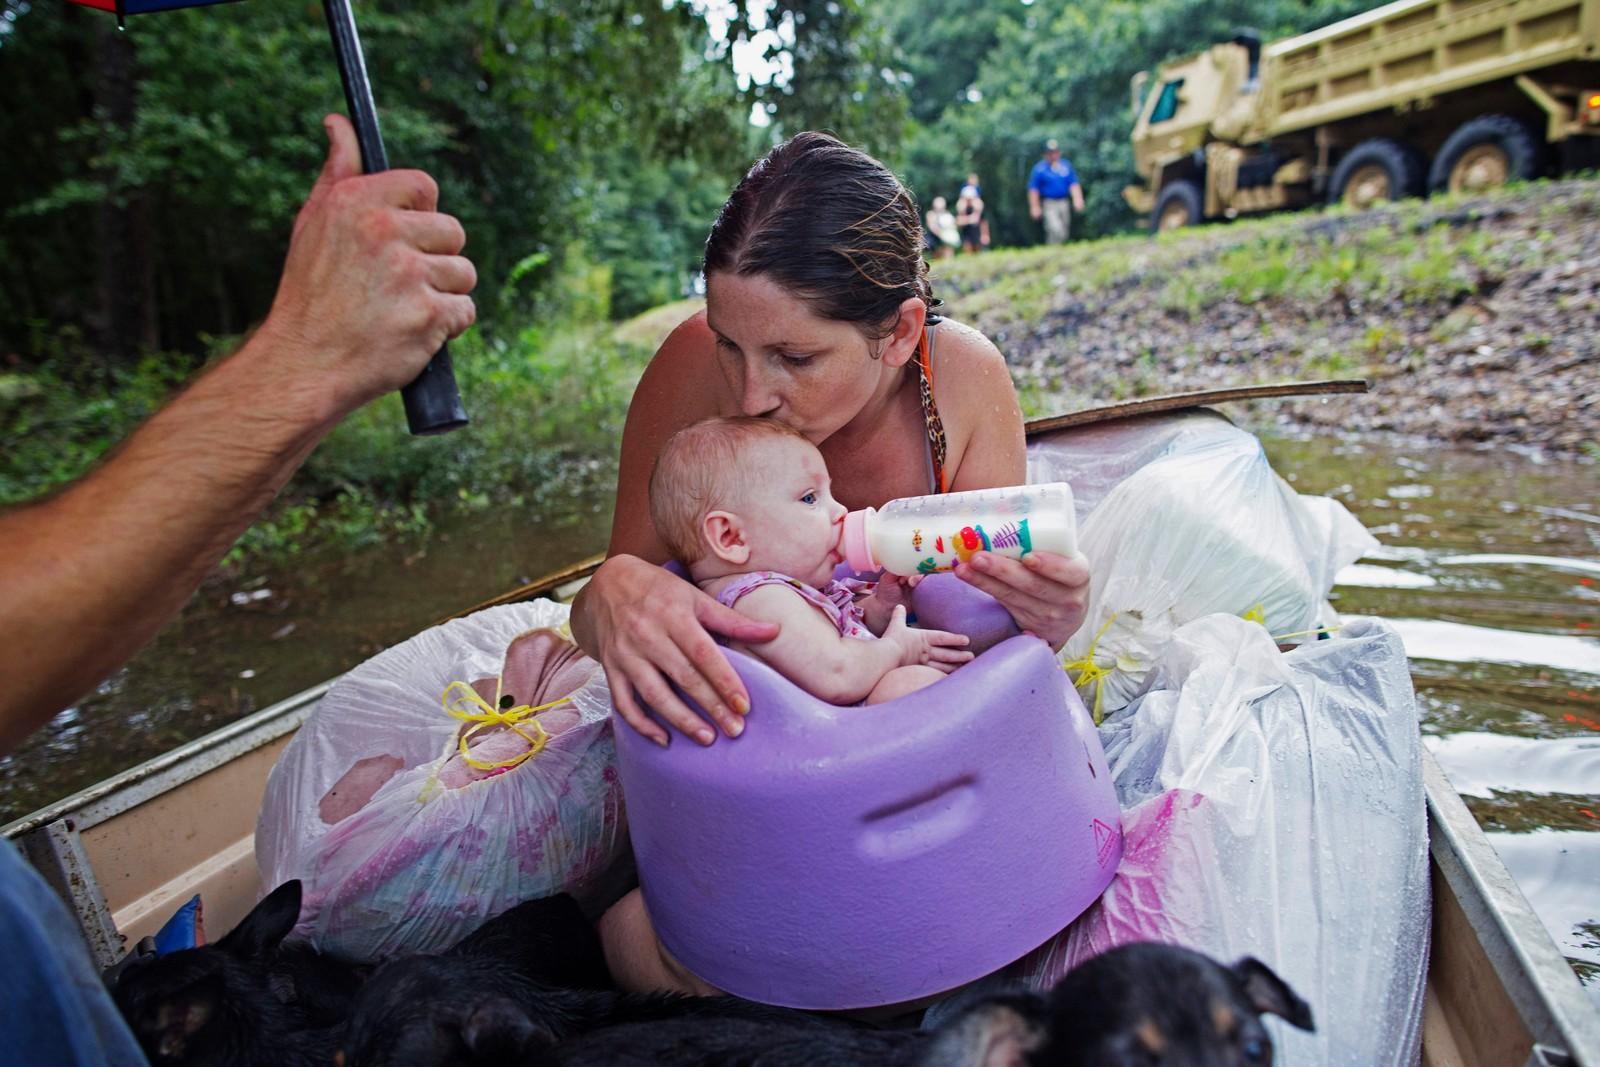 VENTER PÅ HJELP: Danielle Blount kysser sin 3 måneder gamle baby Ember. Babyen blir matet mens de to venter på å bli evakuert med hjelp fra nasjonalgarden.